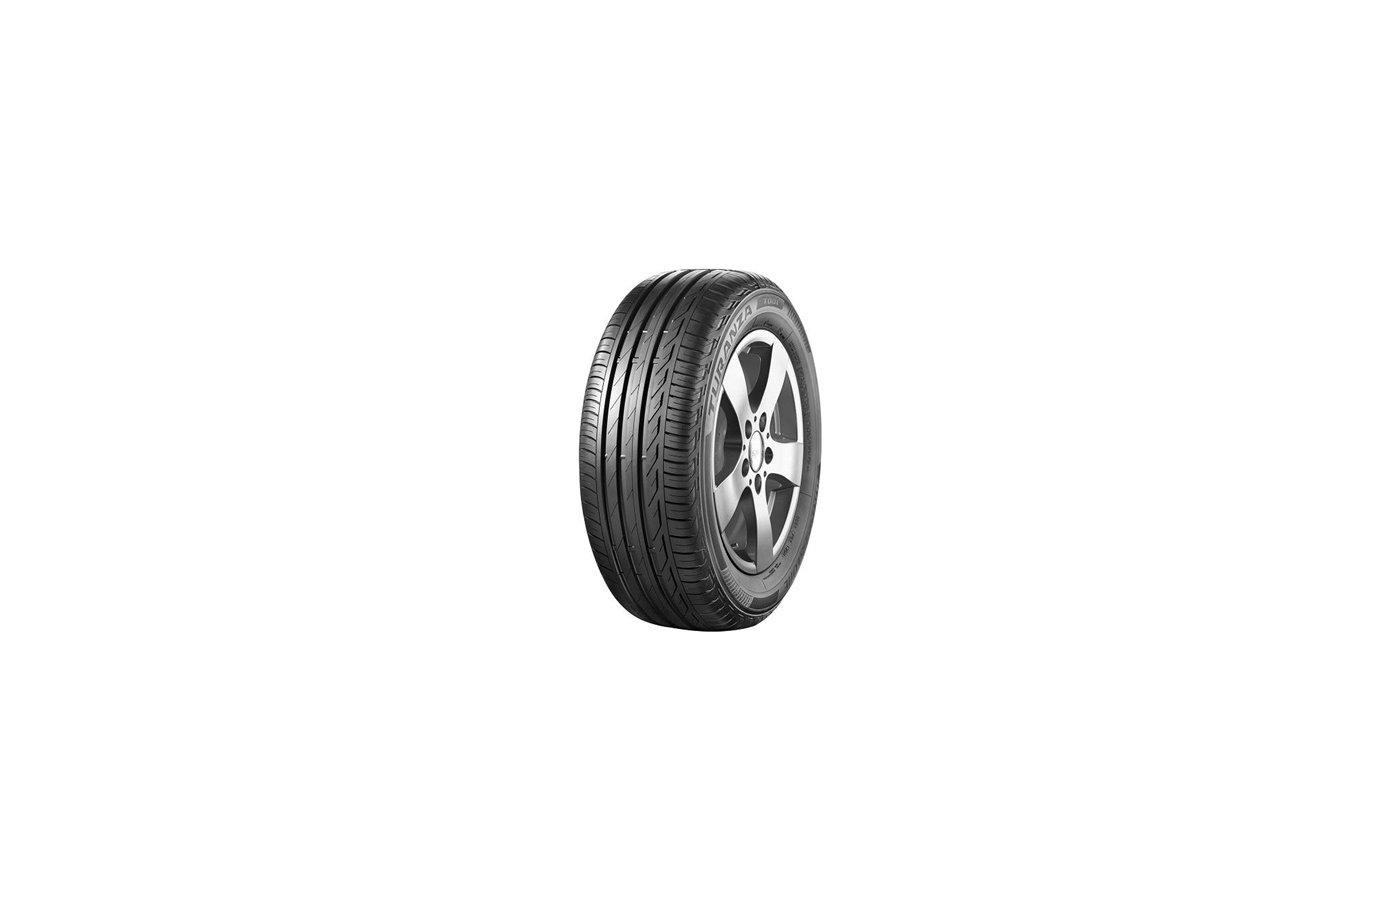 Шина Bridgestone Turanza T001 215/55 R16 TL 97W XL